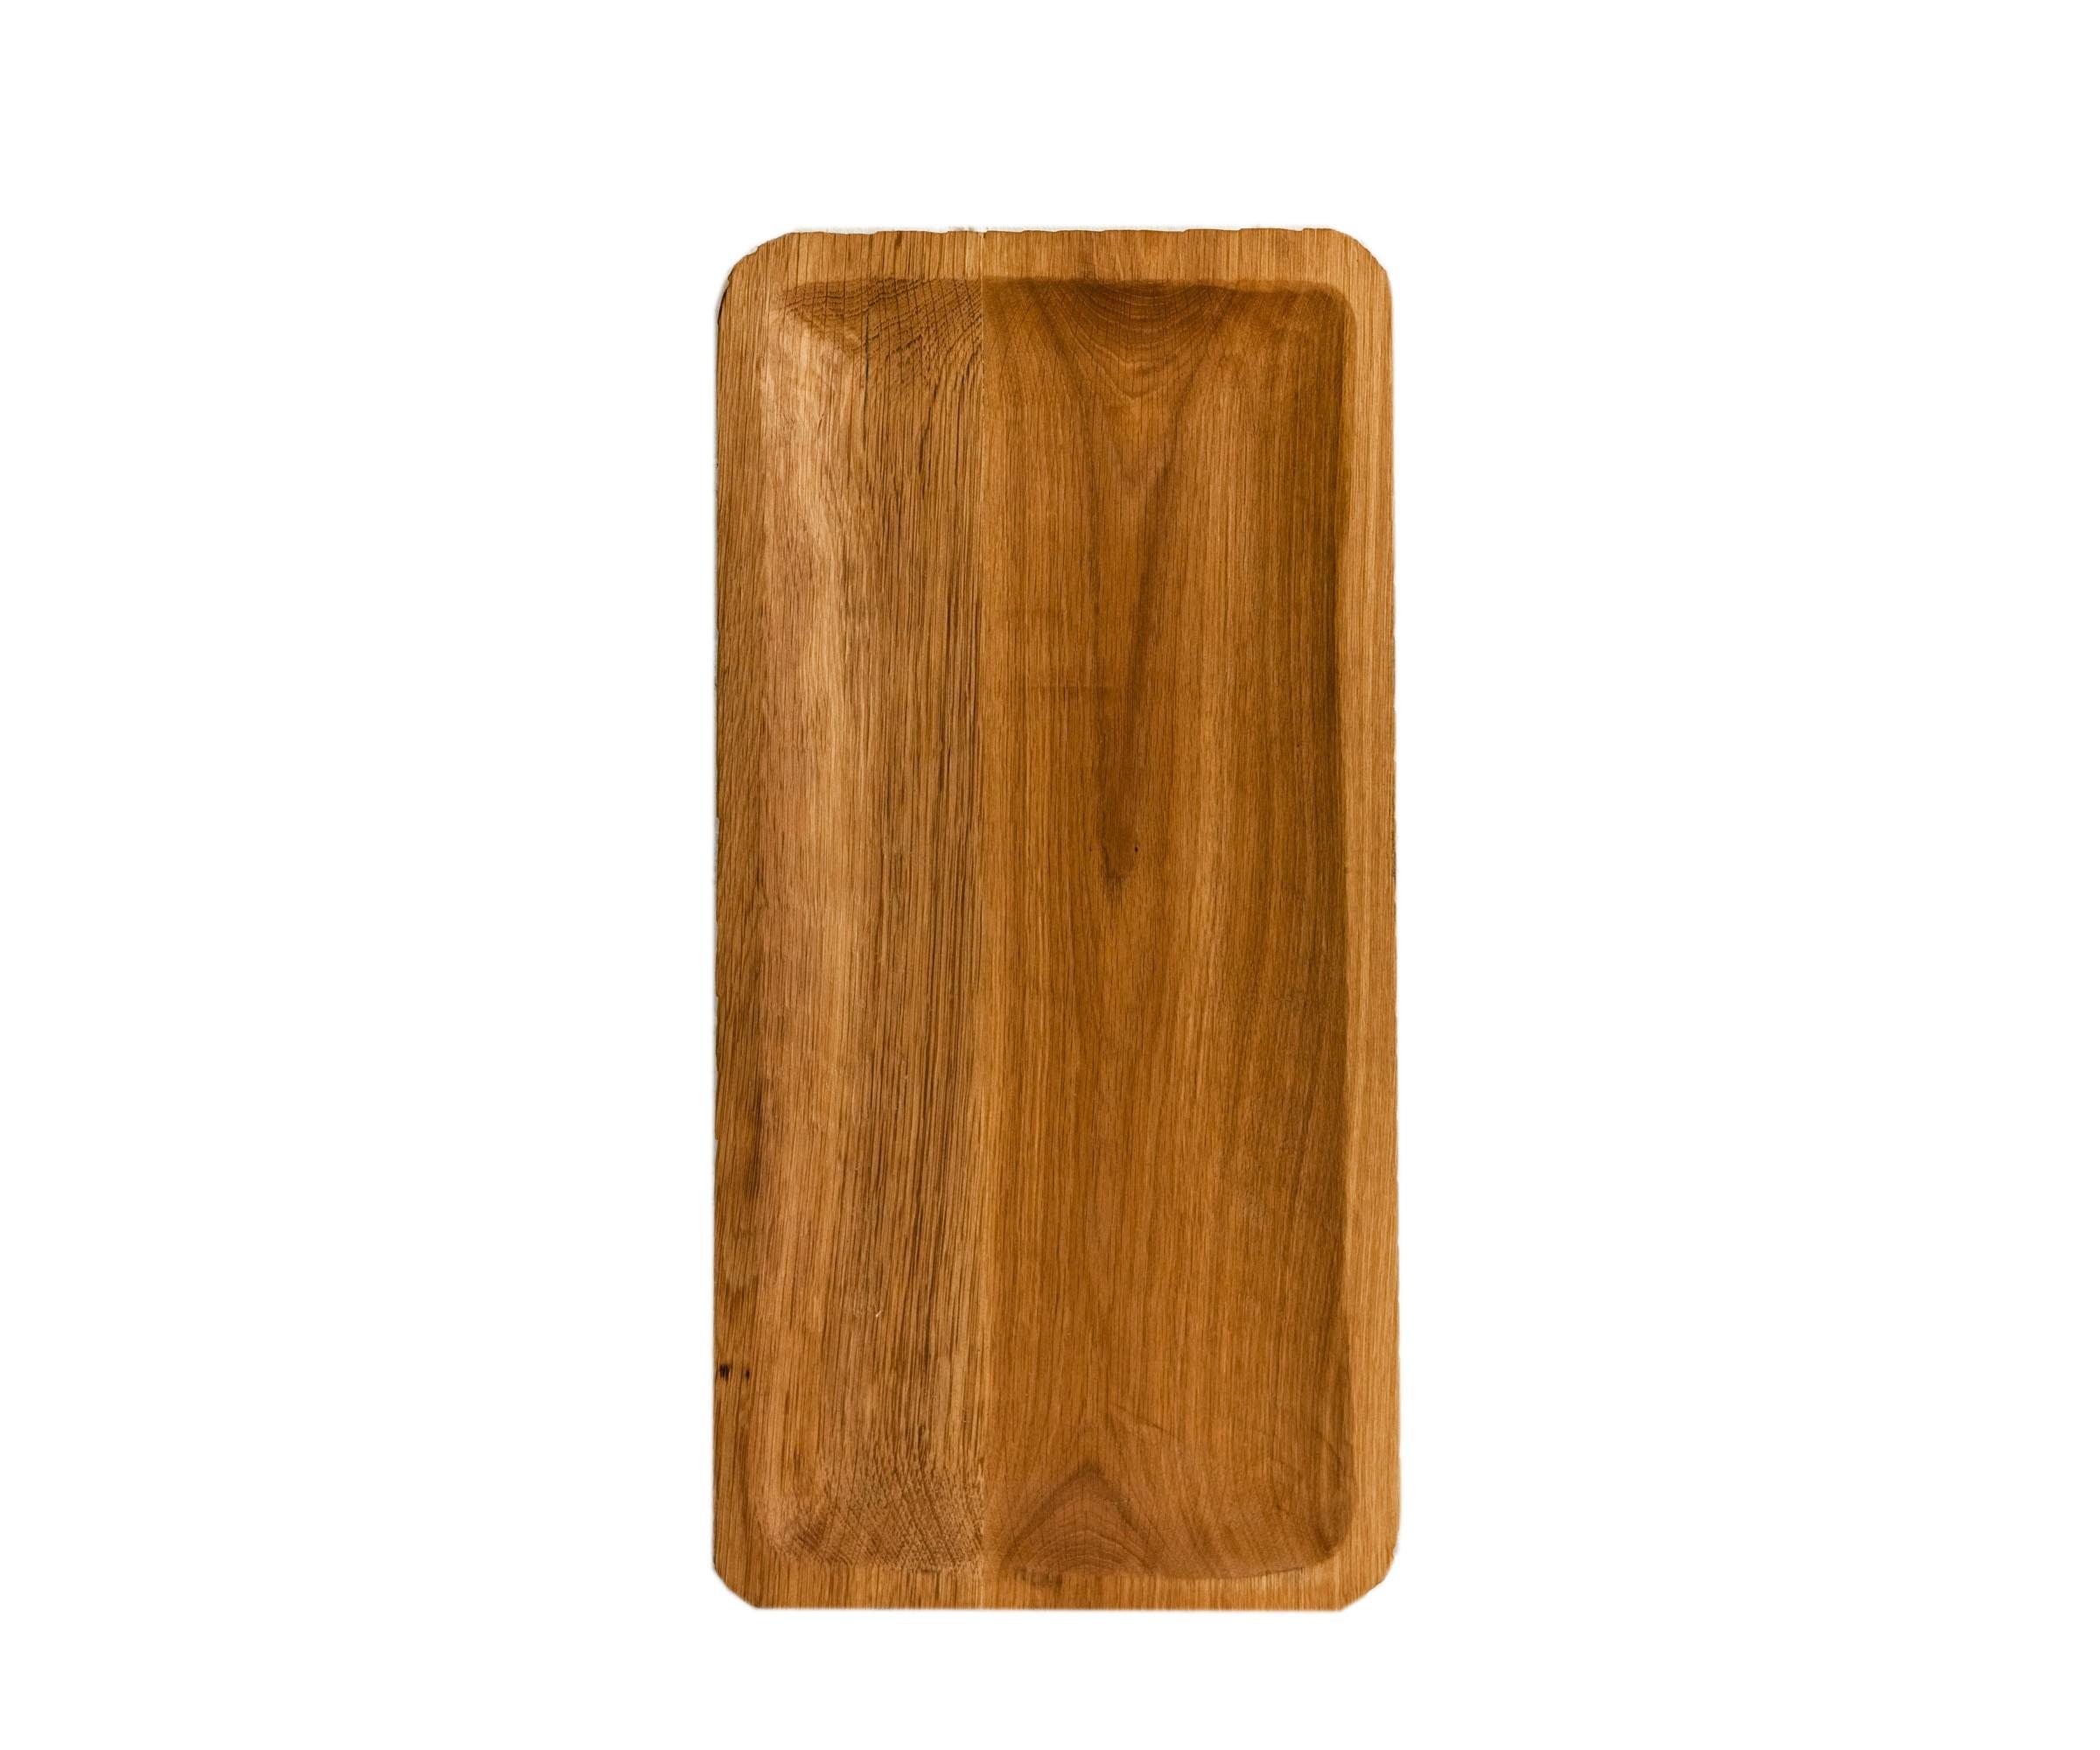 ПодносДекоративные подносы<br>Поднос служит большим сервировочным блюдом или крупным предметом-акцентом в декоре стола. Его можно использовать как полку или столешницу, а несколько подносов, поставленных друг на друга, составляют журнальный столик или тумбу. Сделан вручную. Покрытие: льняное масло. При необходимости можно обновлять покрытие, протерев поверхность тряпочкой, смоченной льняным маслом. После влажной обработки его нужно протирать полотенцем. Из-за специфики ручного труда все предметы отличаются друг от друга.<br><br>Material: Дуб<br>Length см: 60<br>Width см: 30<br>Depth см: None<br>Height см: 1,5